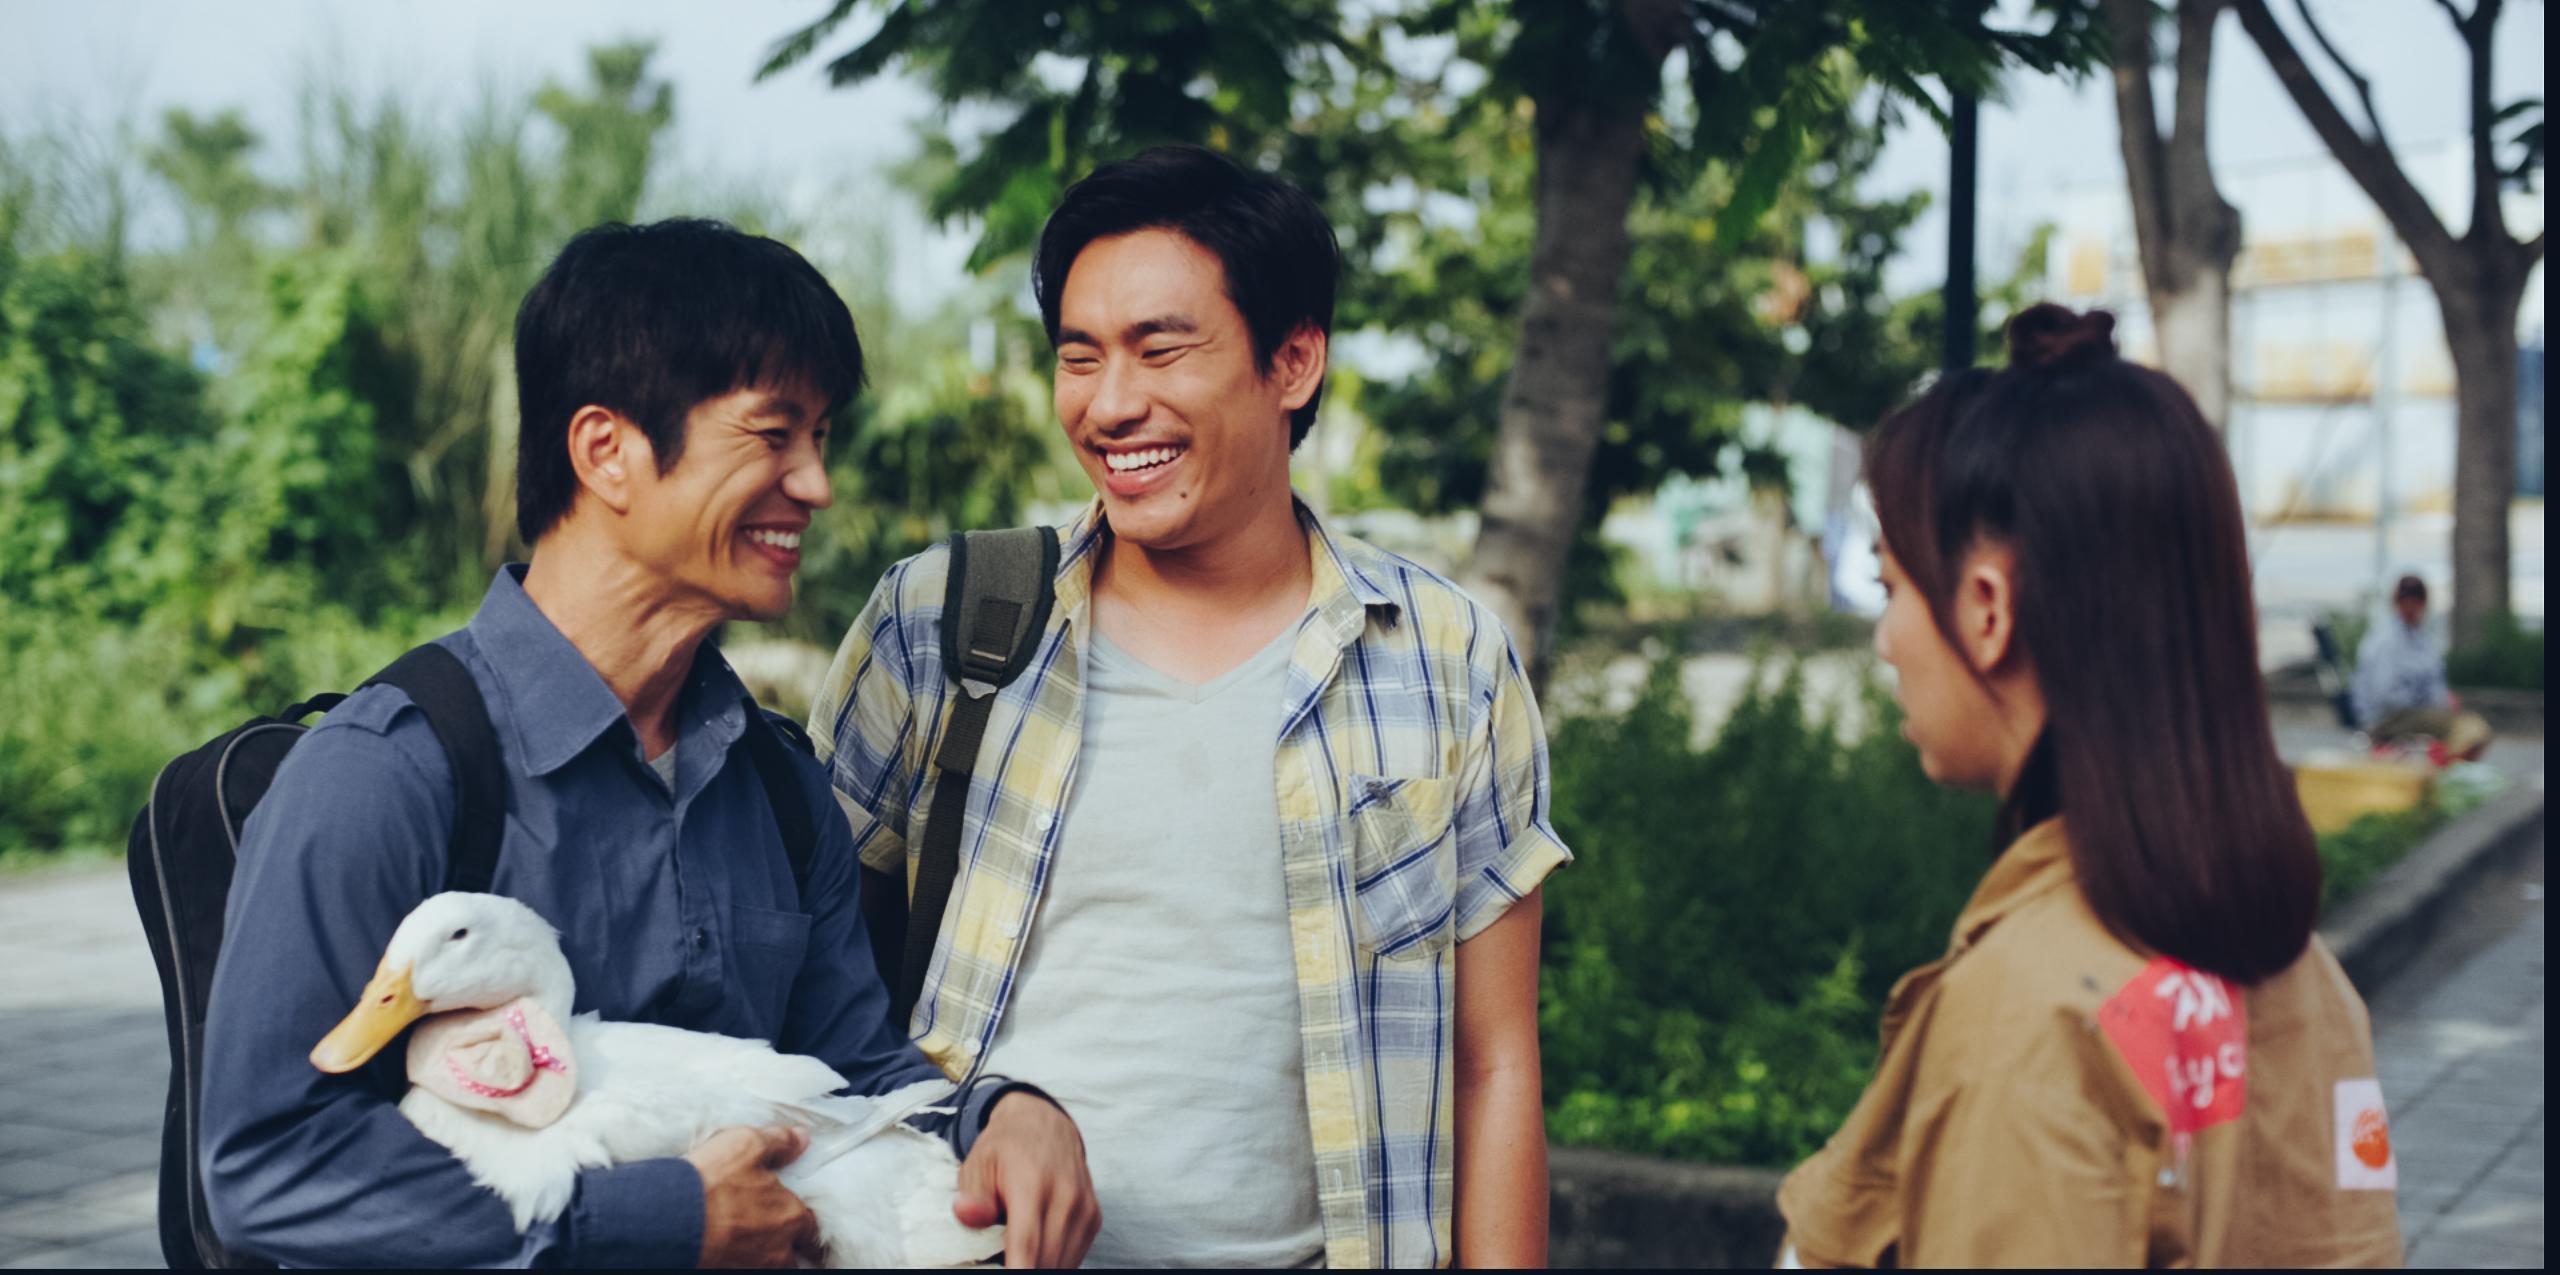 Kiều Minh Tuấn và đồng bọn quậy tưng bừng rạp chiếu phim dịp Tết-3